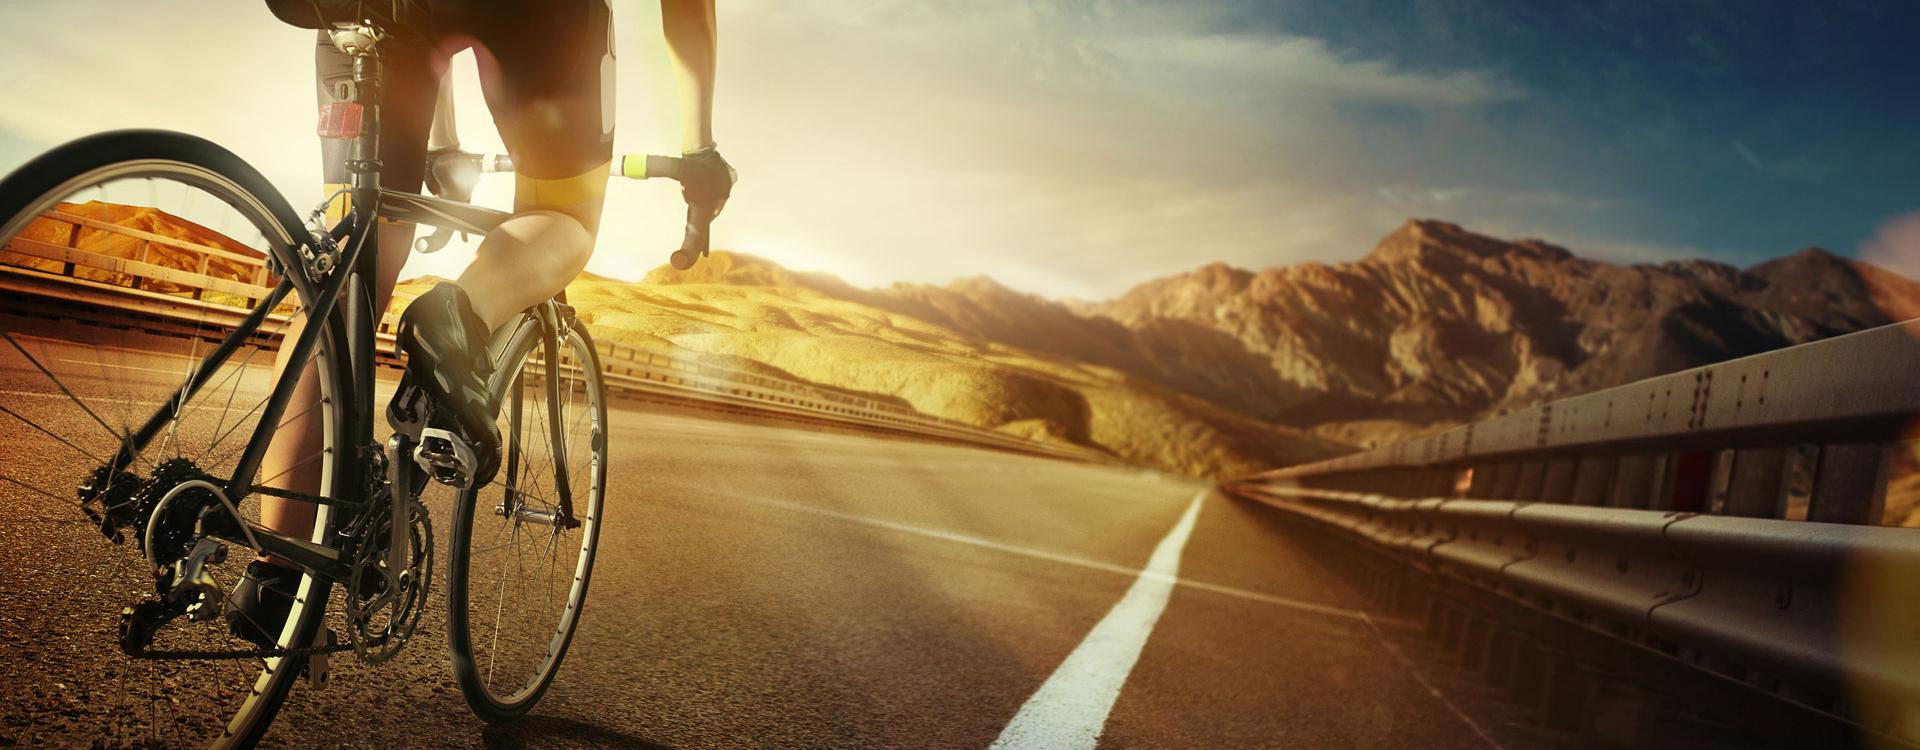 Snurr Sykkelhjulet og vinn ny sykkel